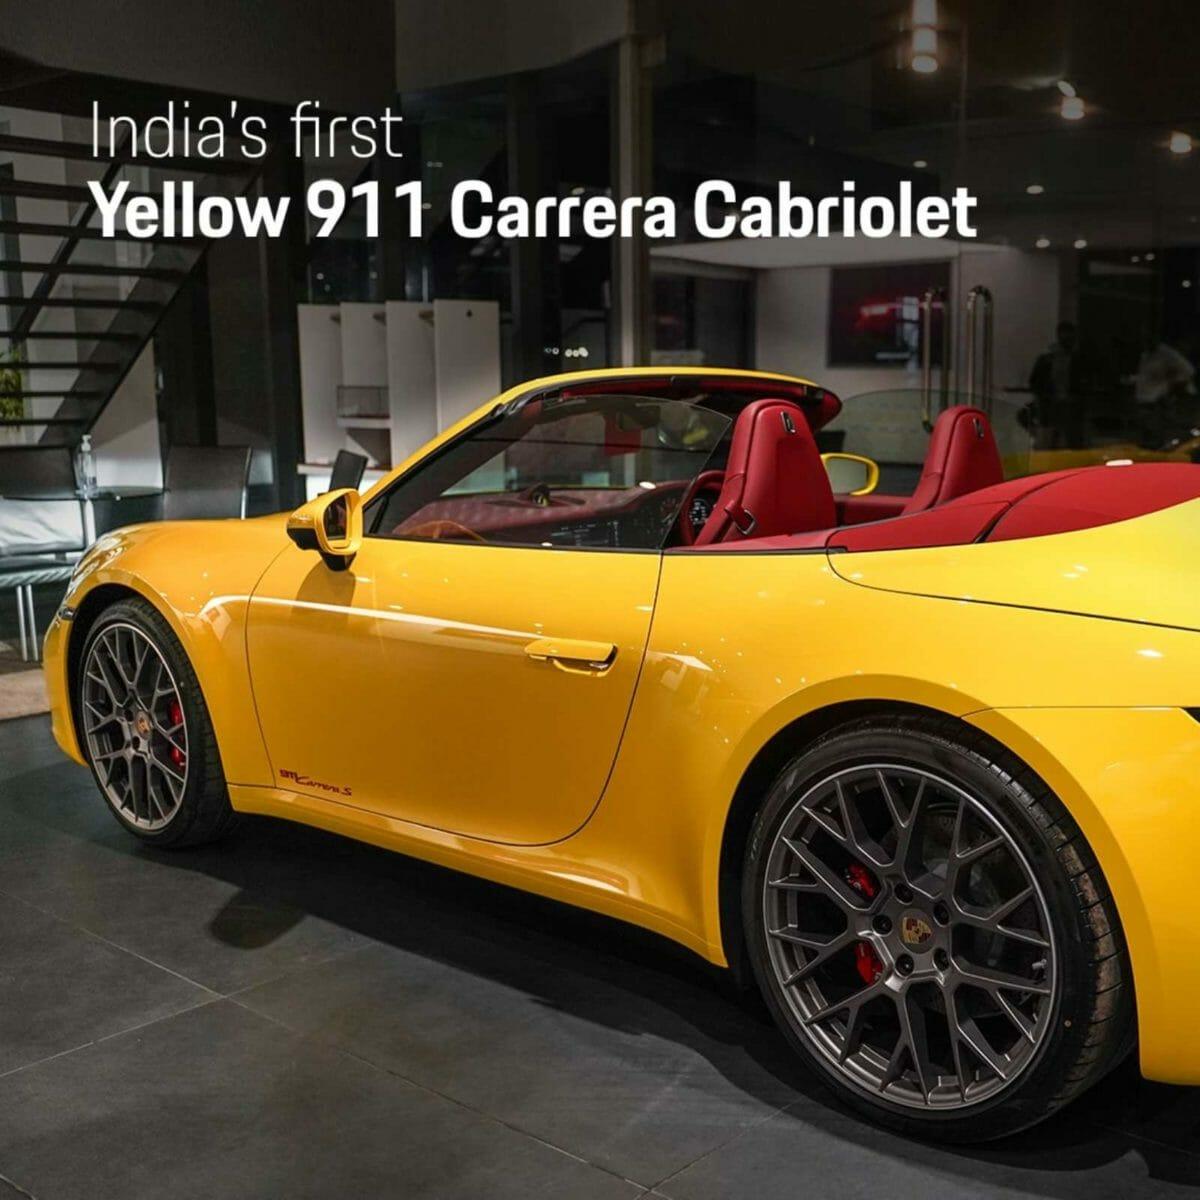 Yellow 911 Carrera Cabriolet (1)